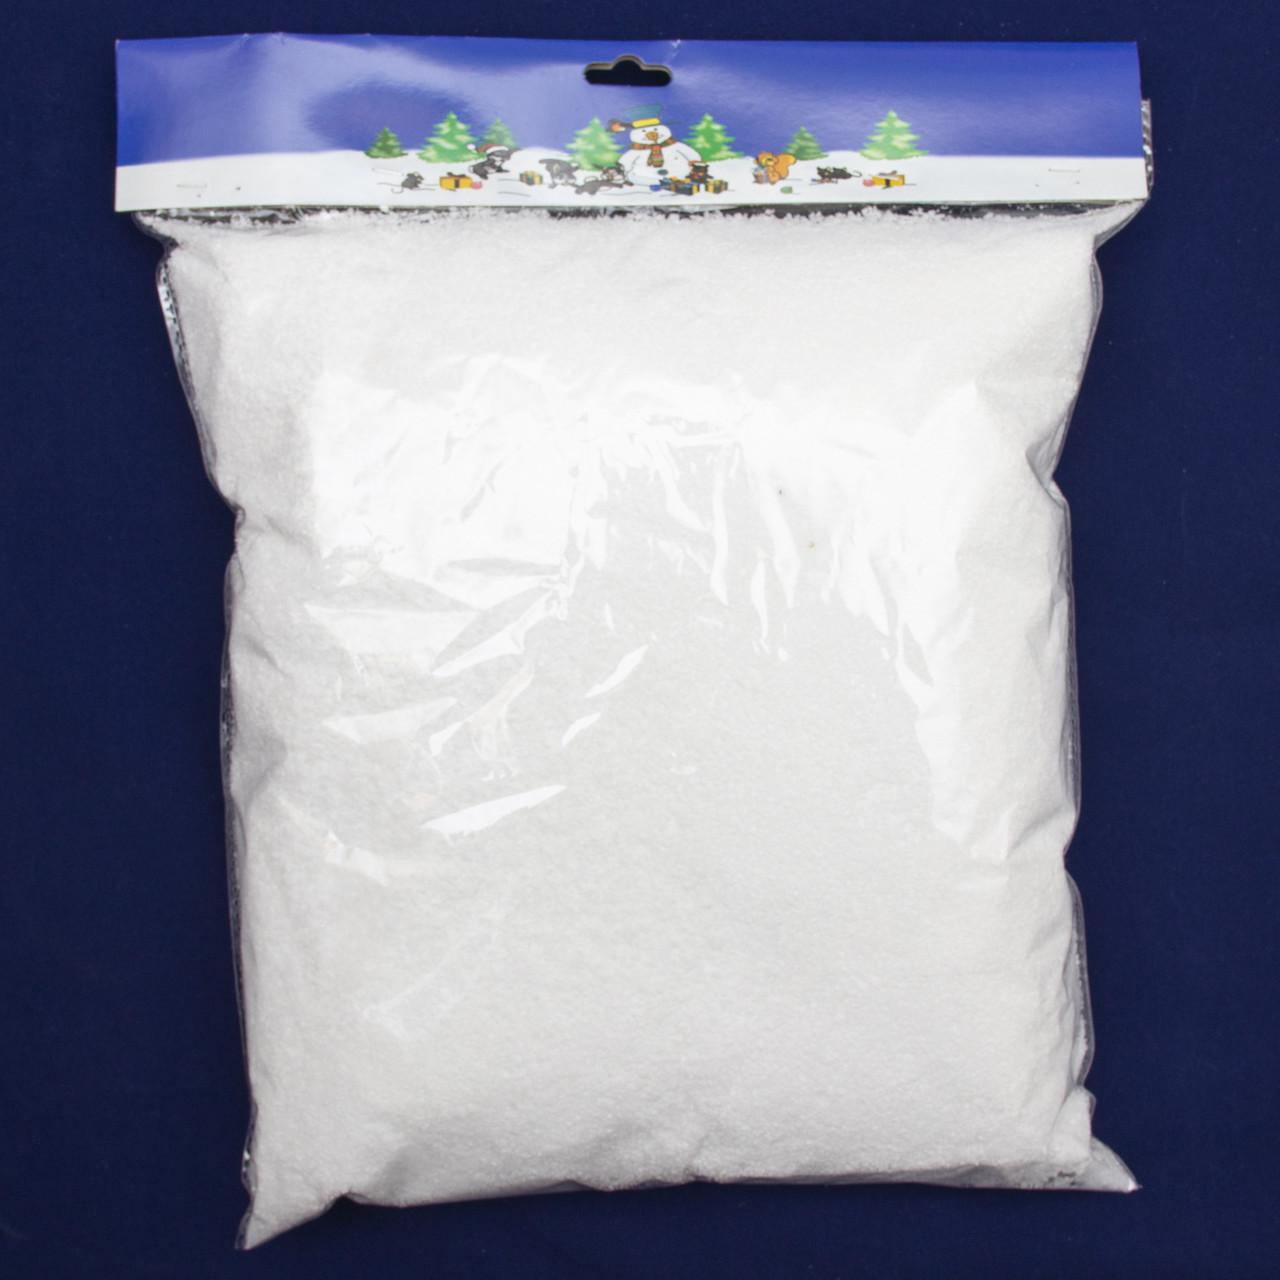 Штучний сніг, 1 упаковка, 80 г, білий, пенопласт (200015)